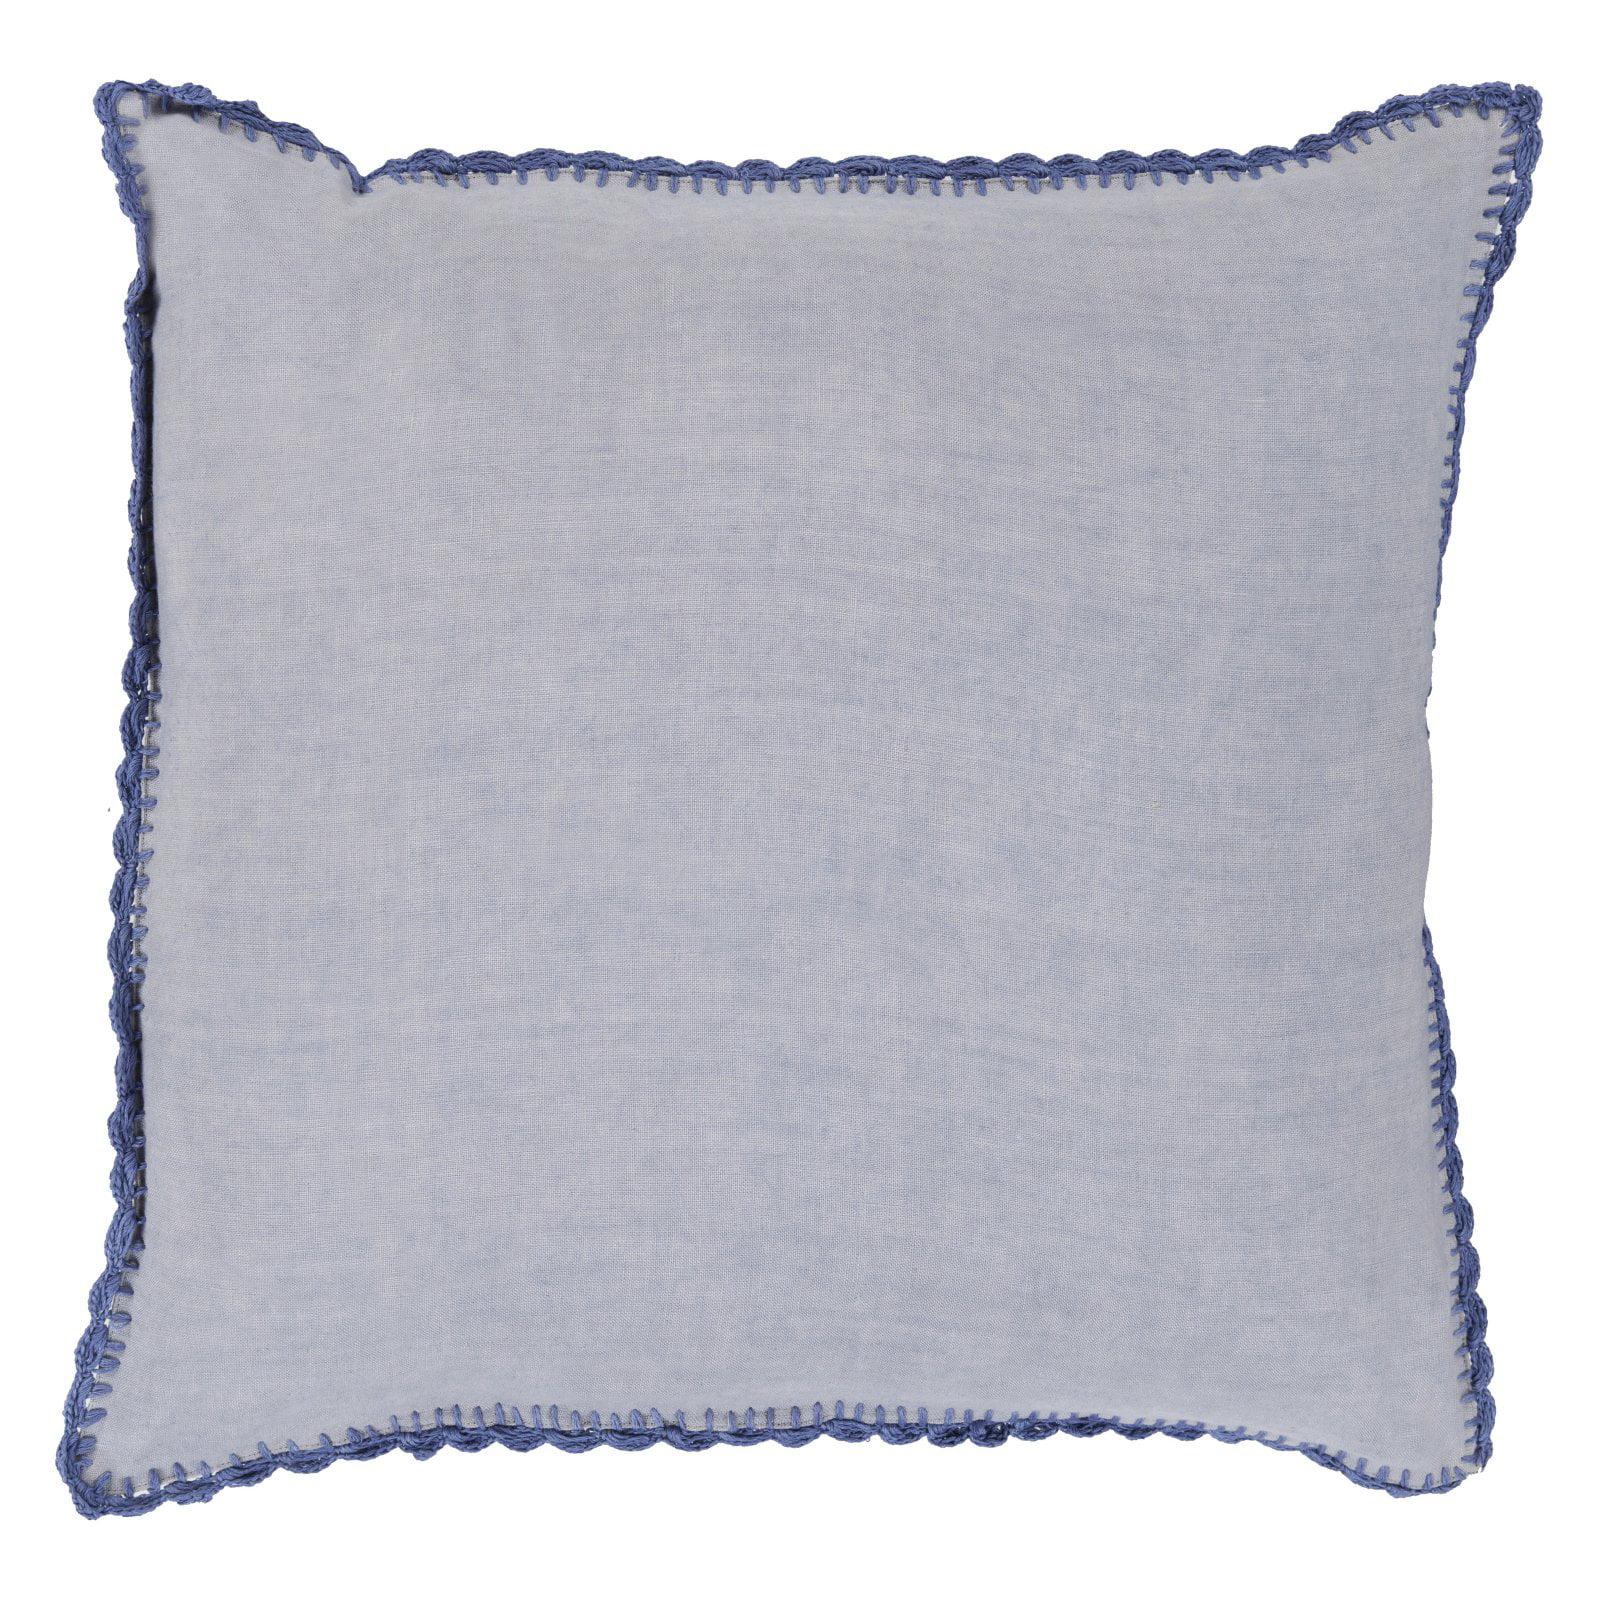 Surya Elsa Decorative Throw Pillow